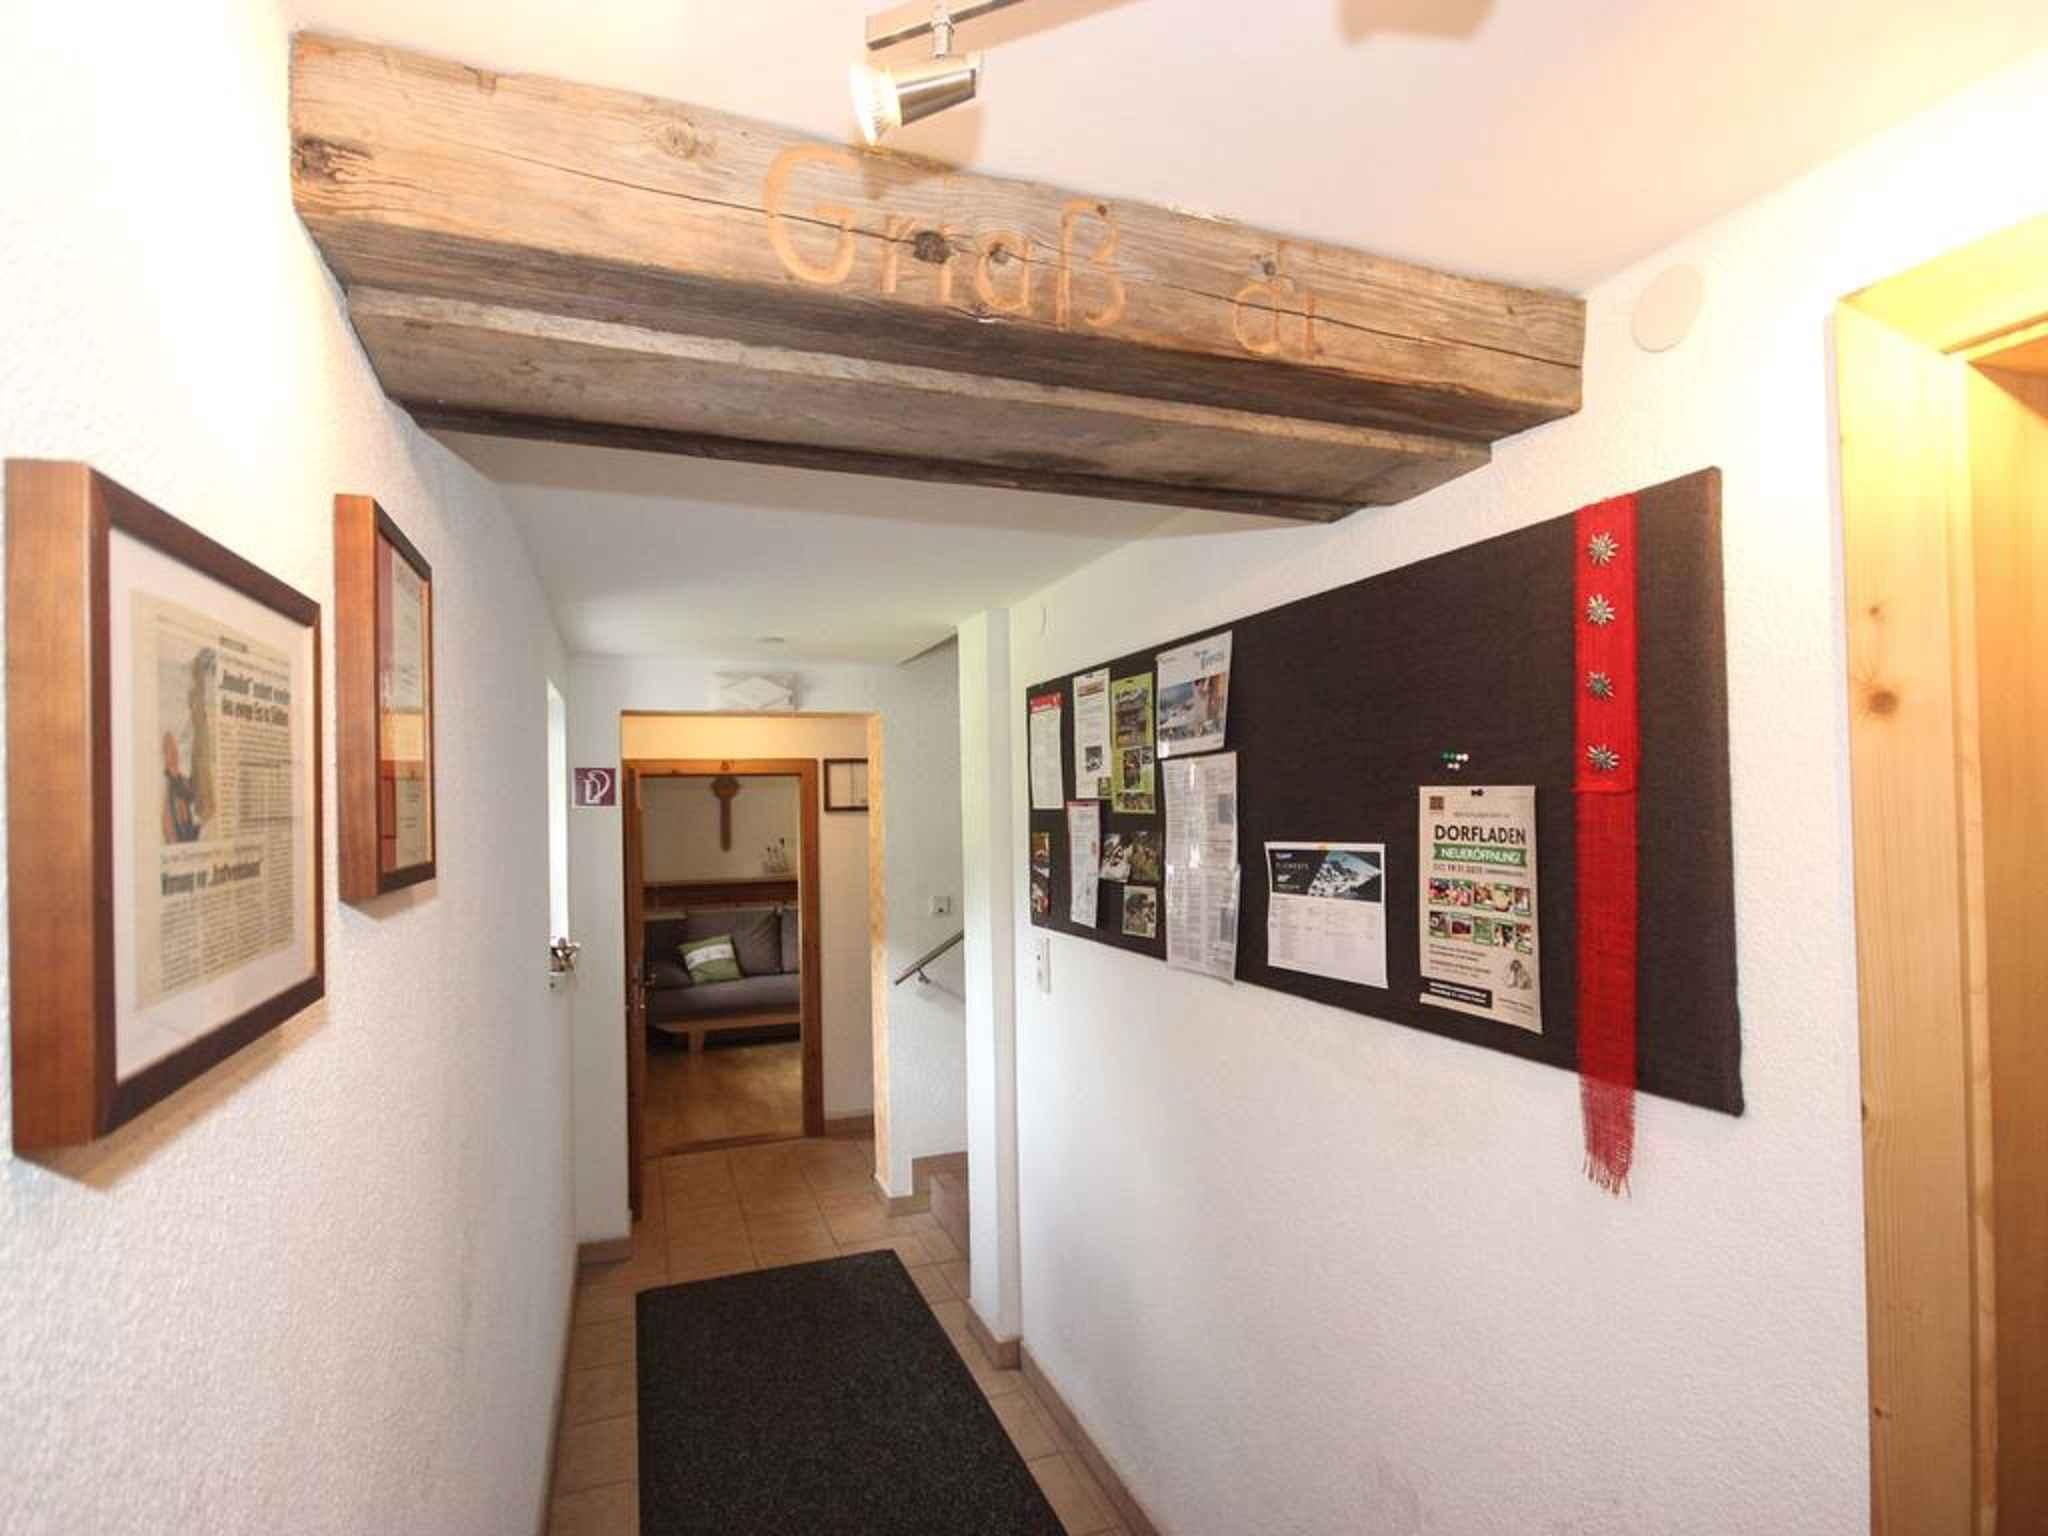 Ferienwohnung in einem über 300 Jahre alten Holzhaus (283708), Sölden (AT), Ötztal, Tirol, Österreich, Bild 9